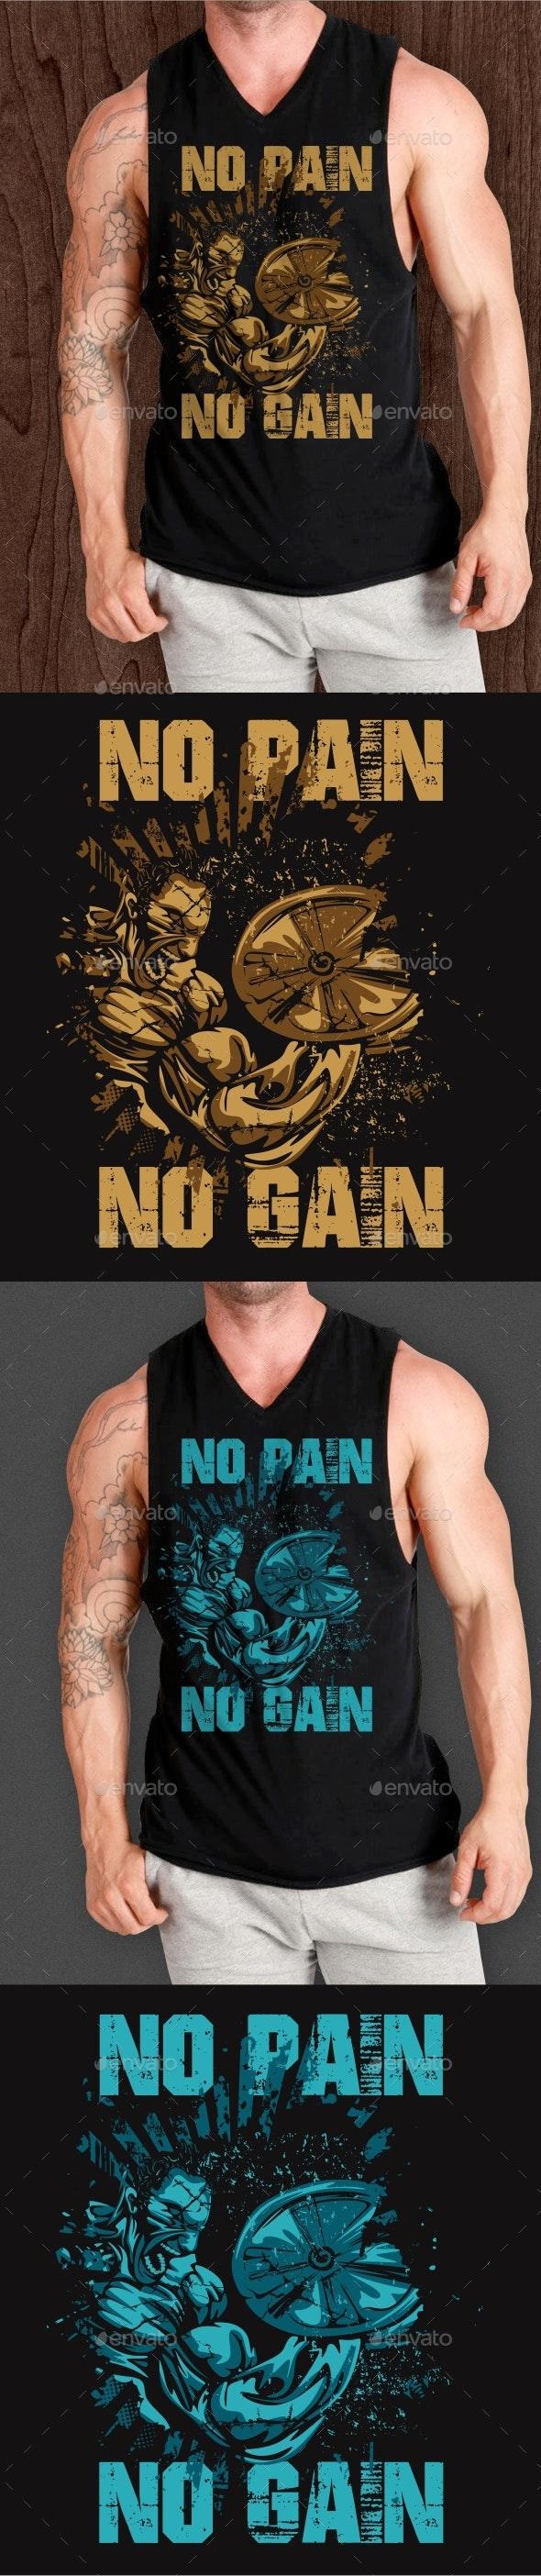 No Pain No Gain - T-Shirts